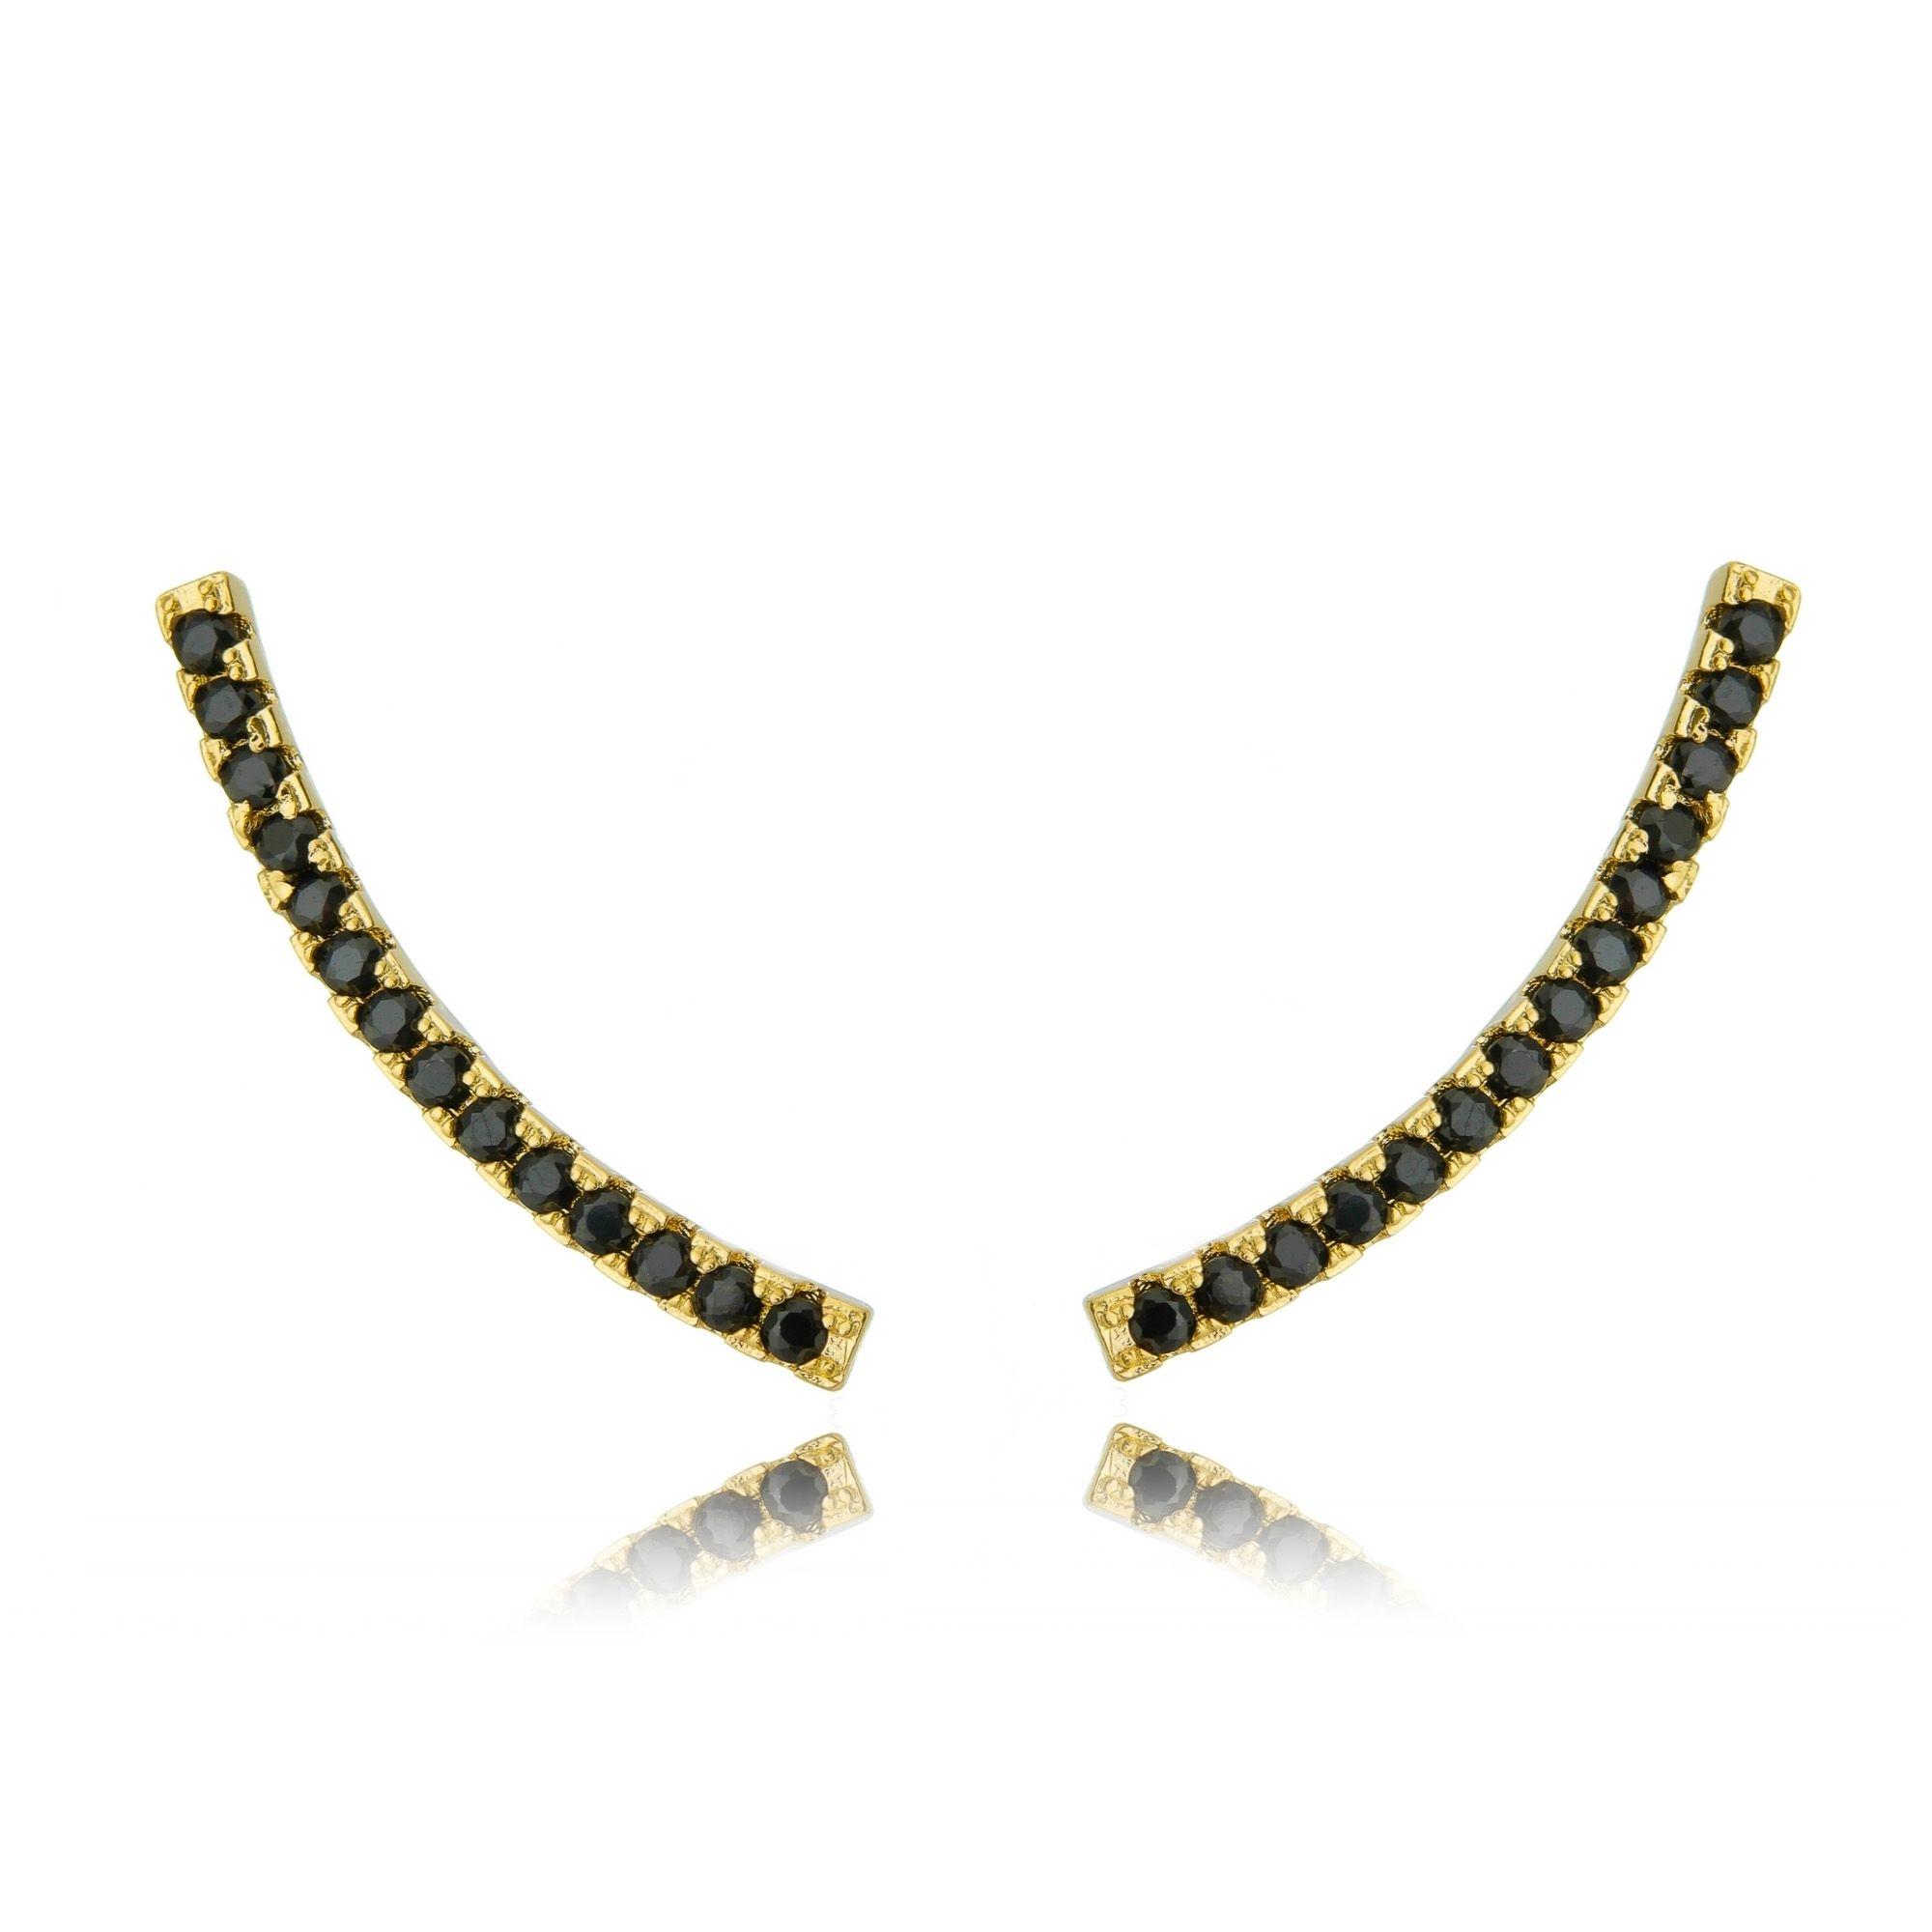 Ear Cuff Preto Palito Cravejado de Zircônias Semijoia Luxo Ouro  - Soloyou